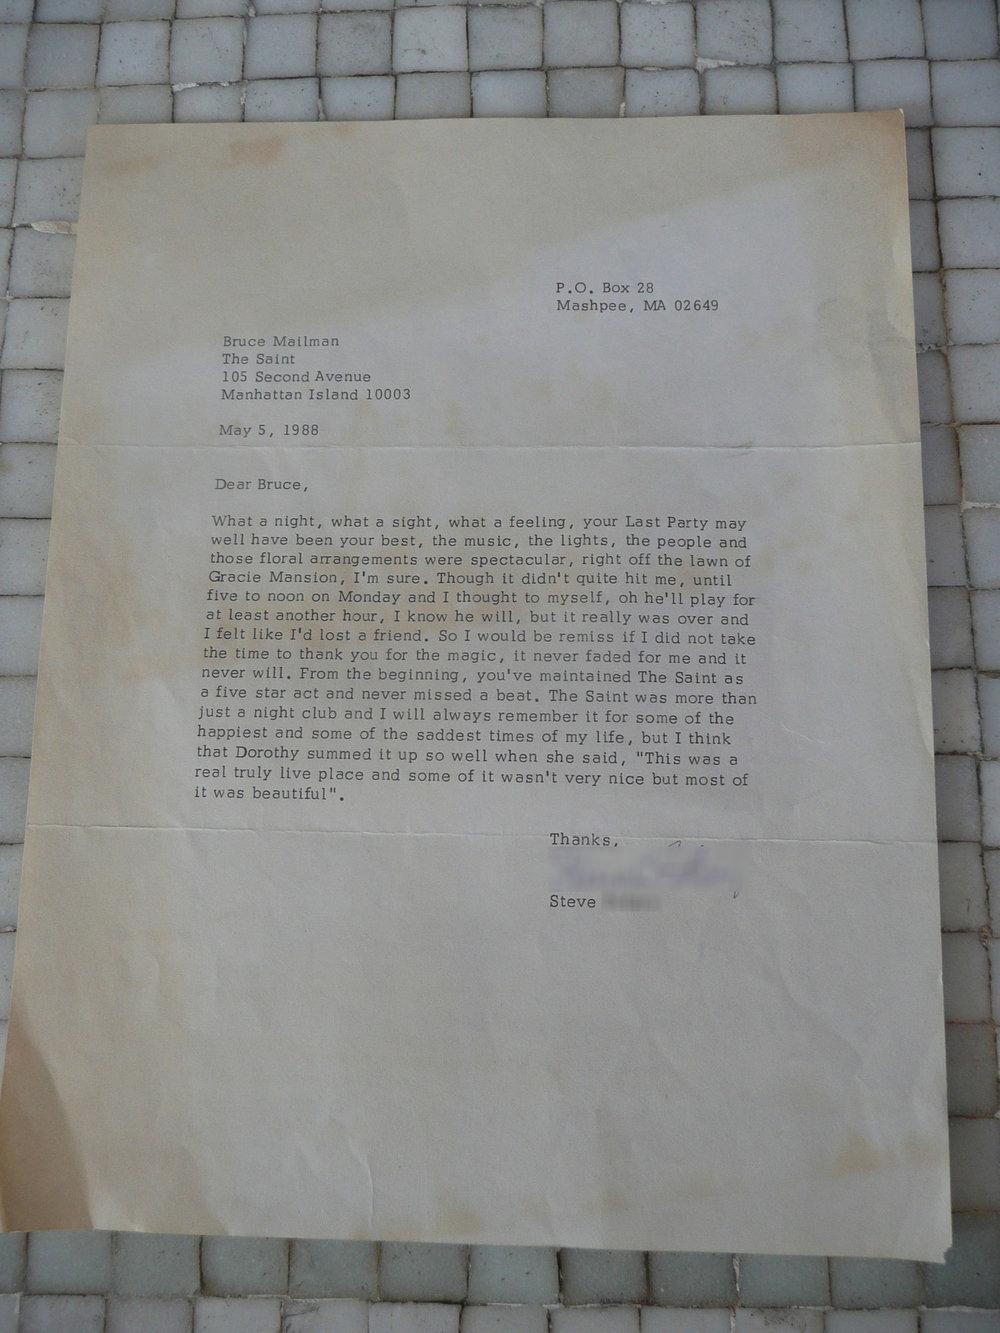 letter-4_15084802929_o.jpg